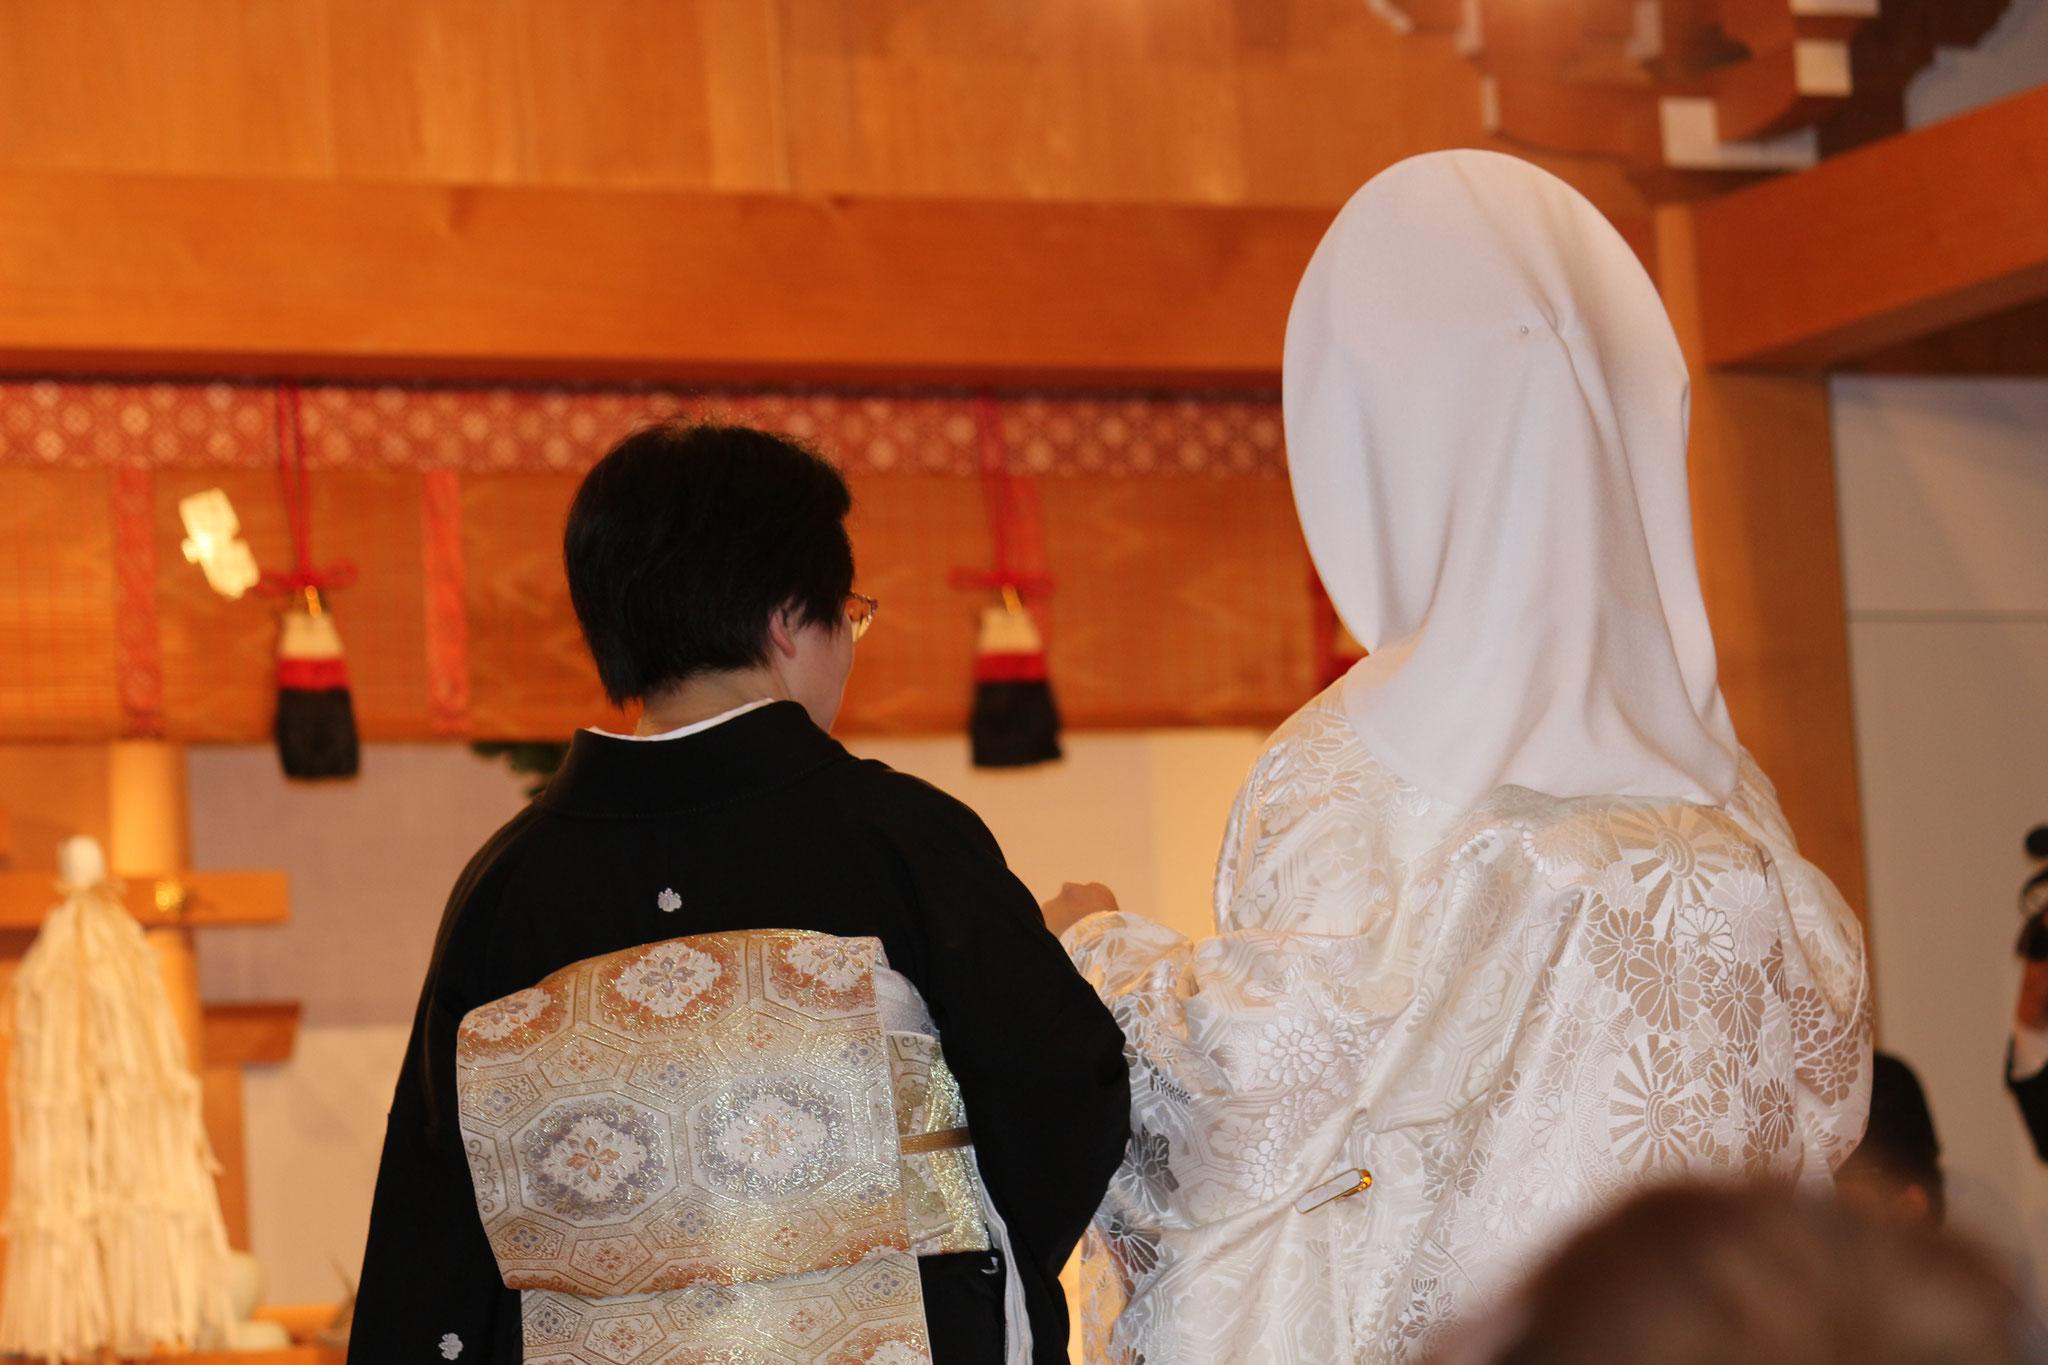 去年まで在籍してた 栄養士のY先生の結婚式に参加してきました!